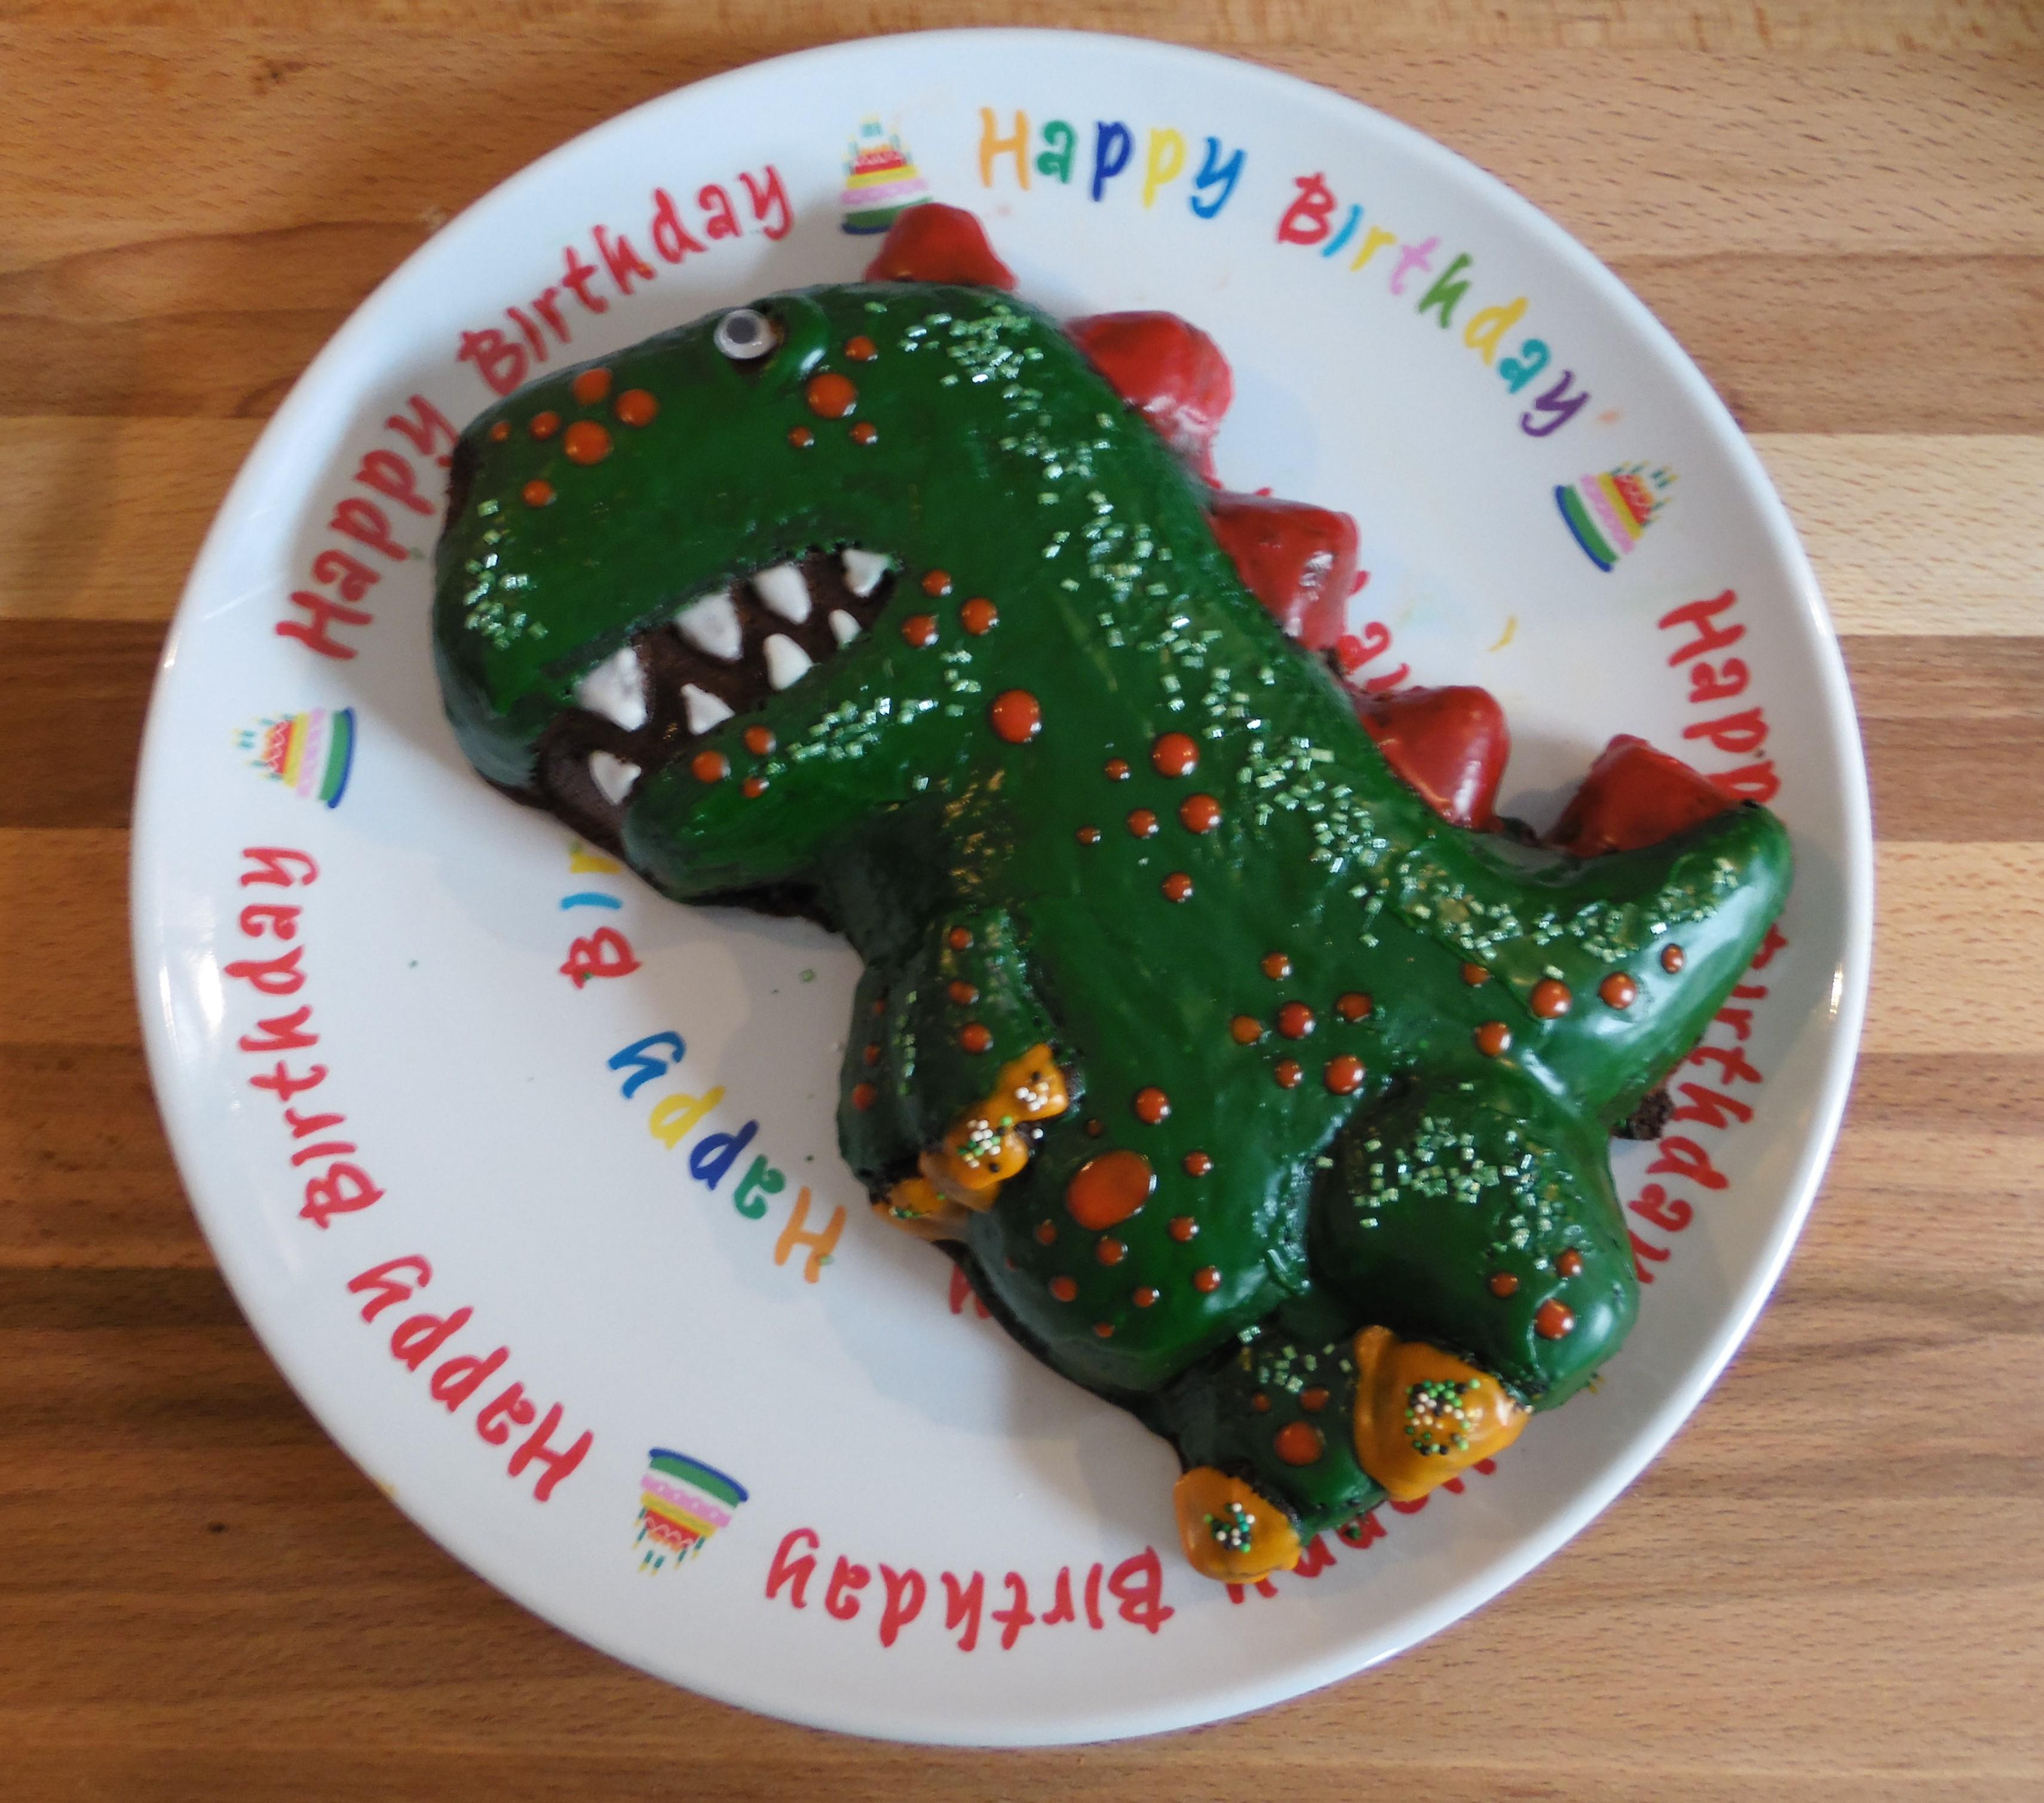 Schokoladen Kuchen Dino Silikonbackform Von Haba Backenmitkindern